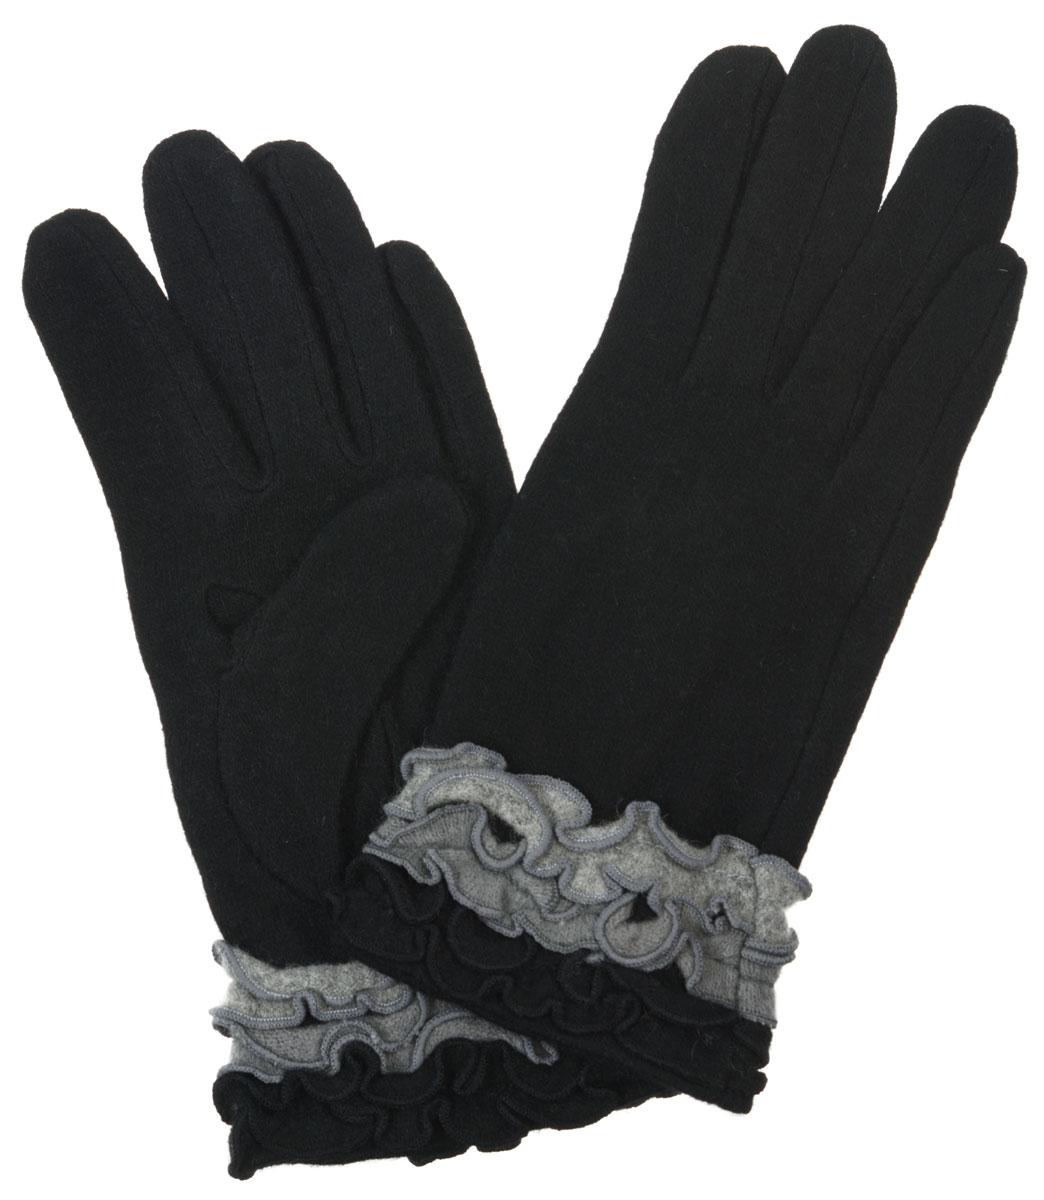 ПерчаткиLB-PH-36Элегантные женские перчатки Labbra станут великолепным дополнением вашего образа и защитят ваши руки от холода и ветра во время прогулок. Перчатки выполнены из плотного шерстяного трикотажа. Модель оформлена декоративным оборками. Такие перчатки будут оригинальным завершающим штрихом в создании современного модного образа, они подчеркнут ваш изысканный вкус и станут незаменимым и практичным аксессуаром.